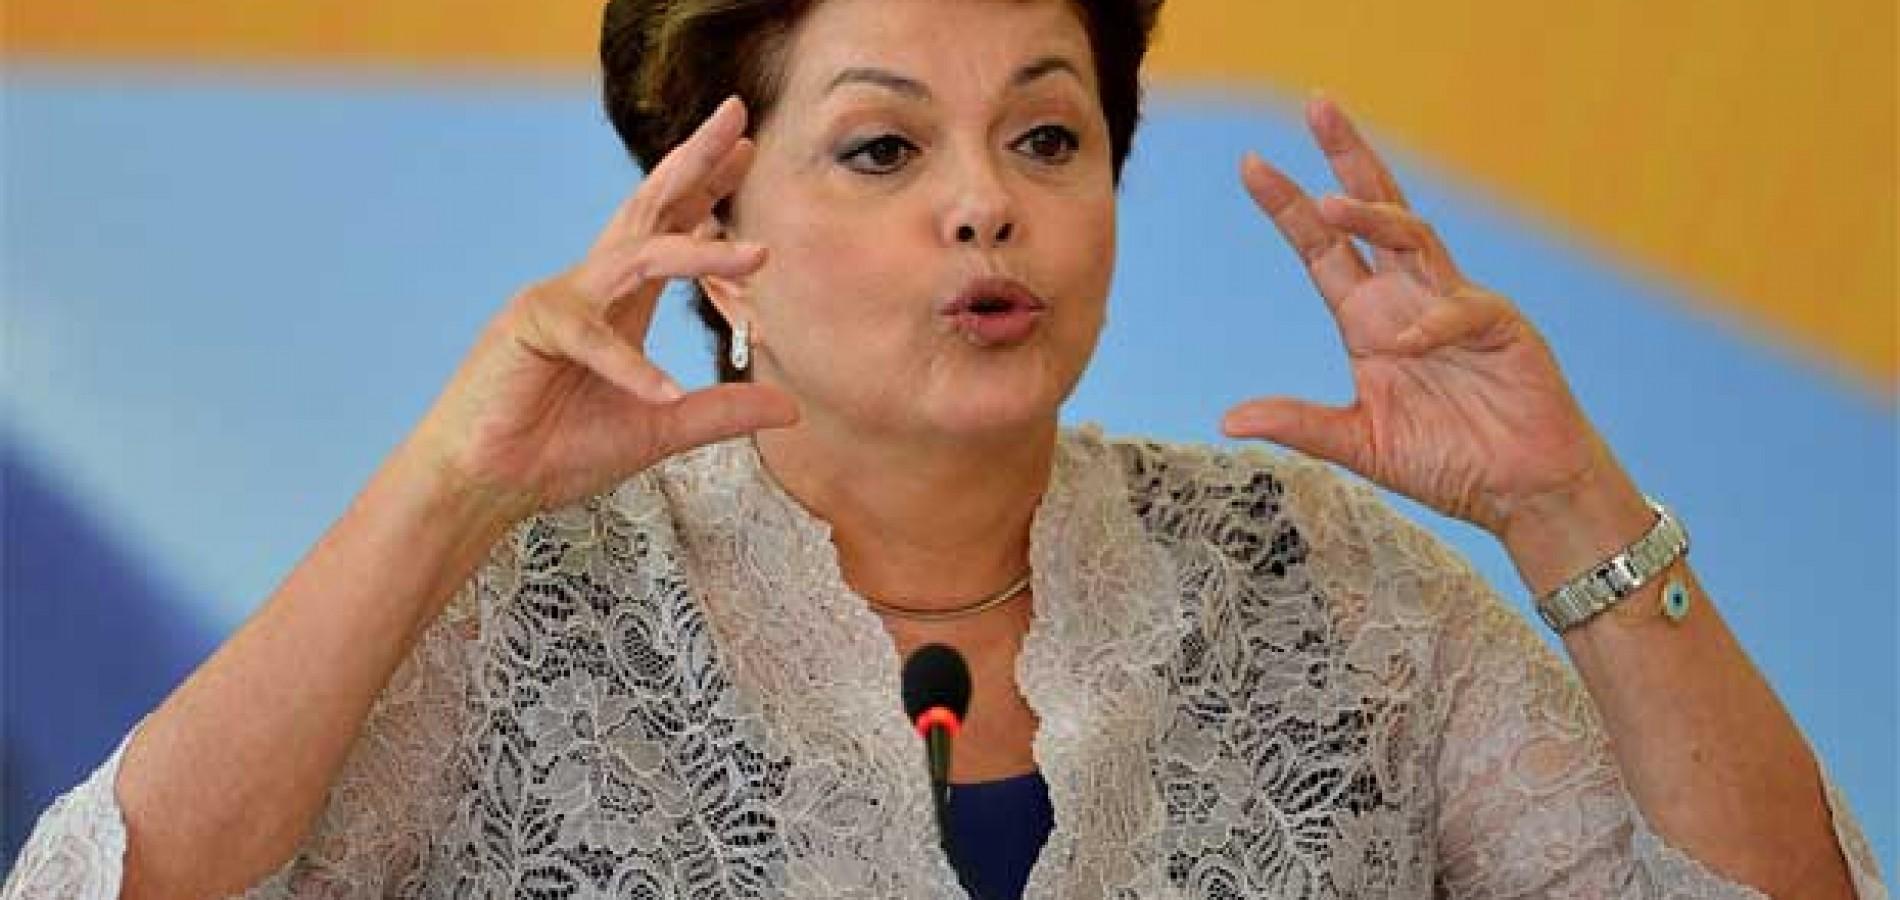 Eleitor de Dilma é mais o pobre e  menos escolarizado, diz pesquisa